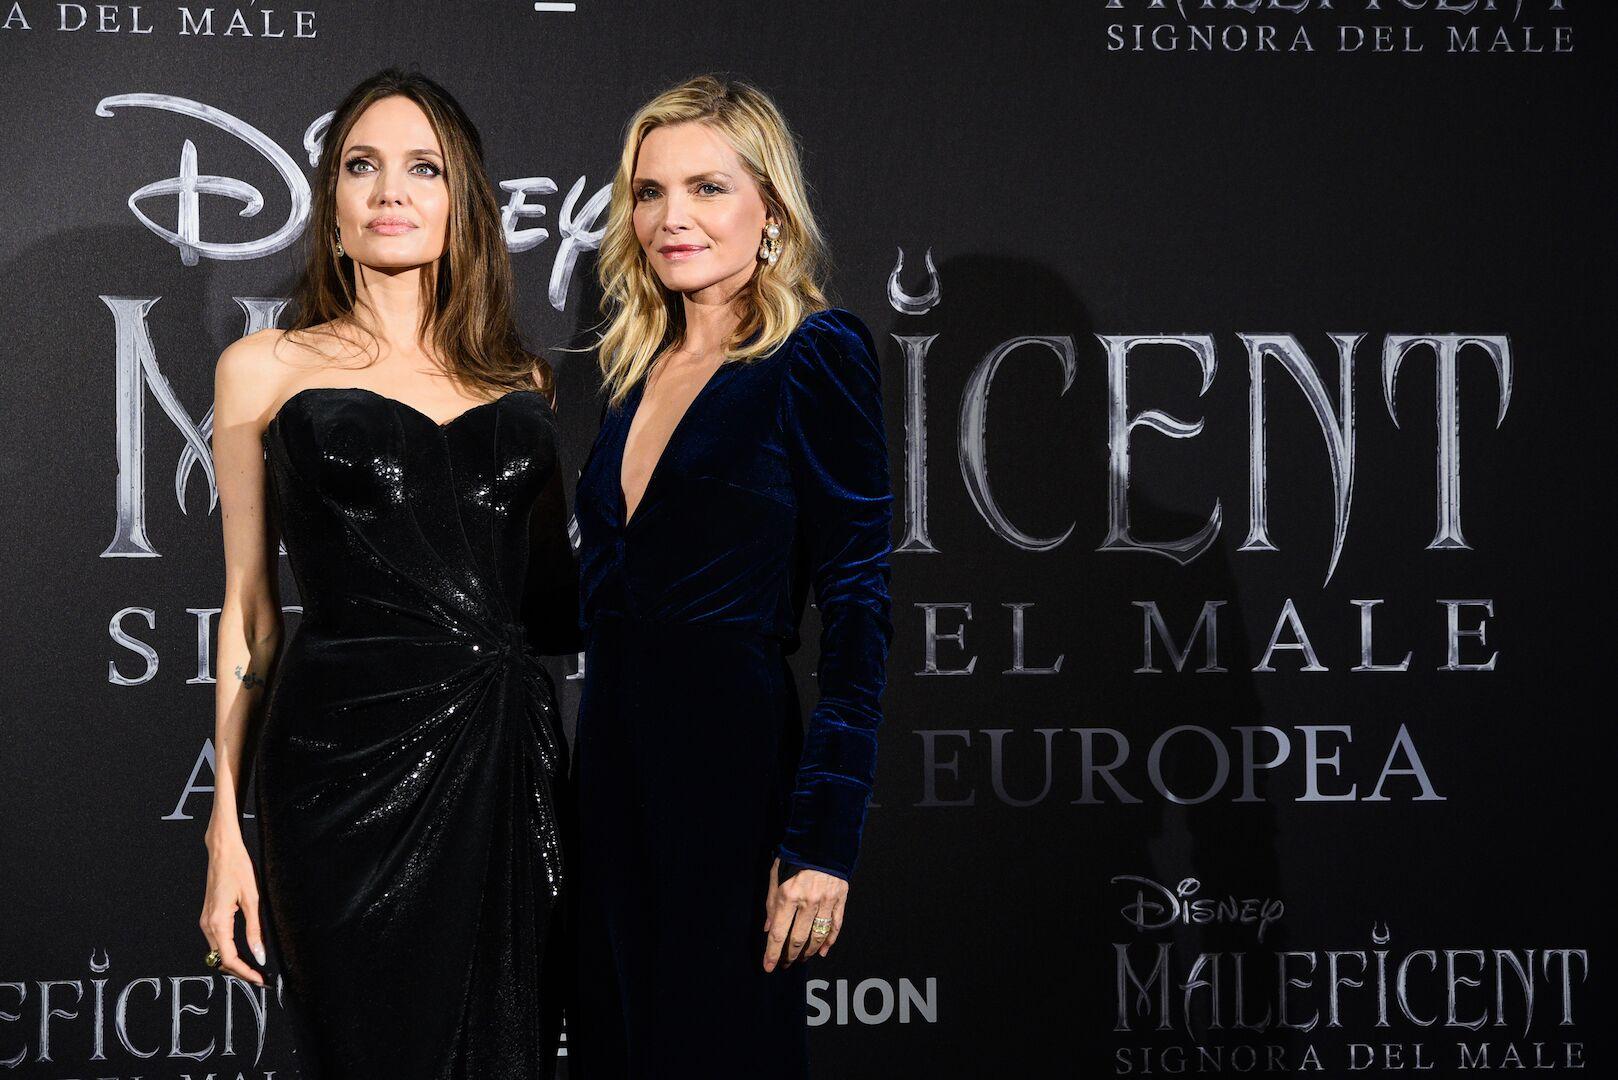 Angelina Jolie e Michelle Pfeiffer hanno presentato in anteprima europea con Alice nella Città il nuovo film Disney Maleficent – Signora del Male